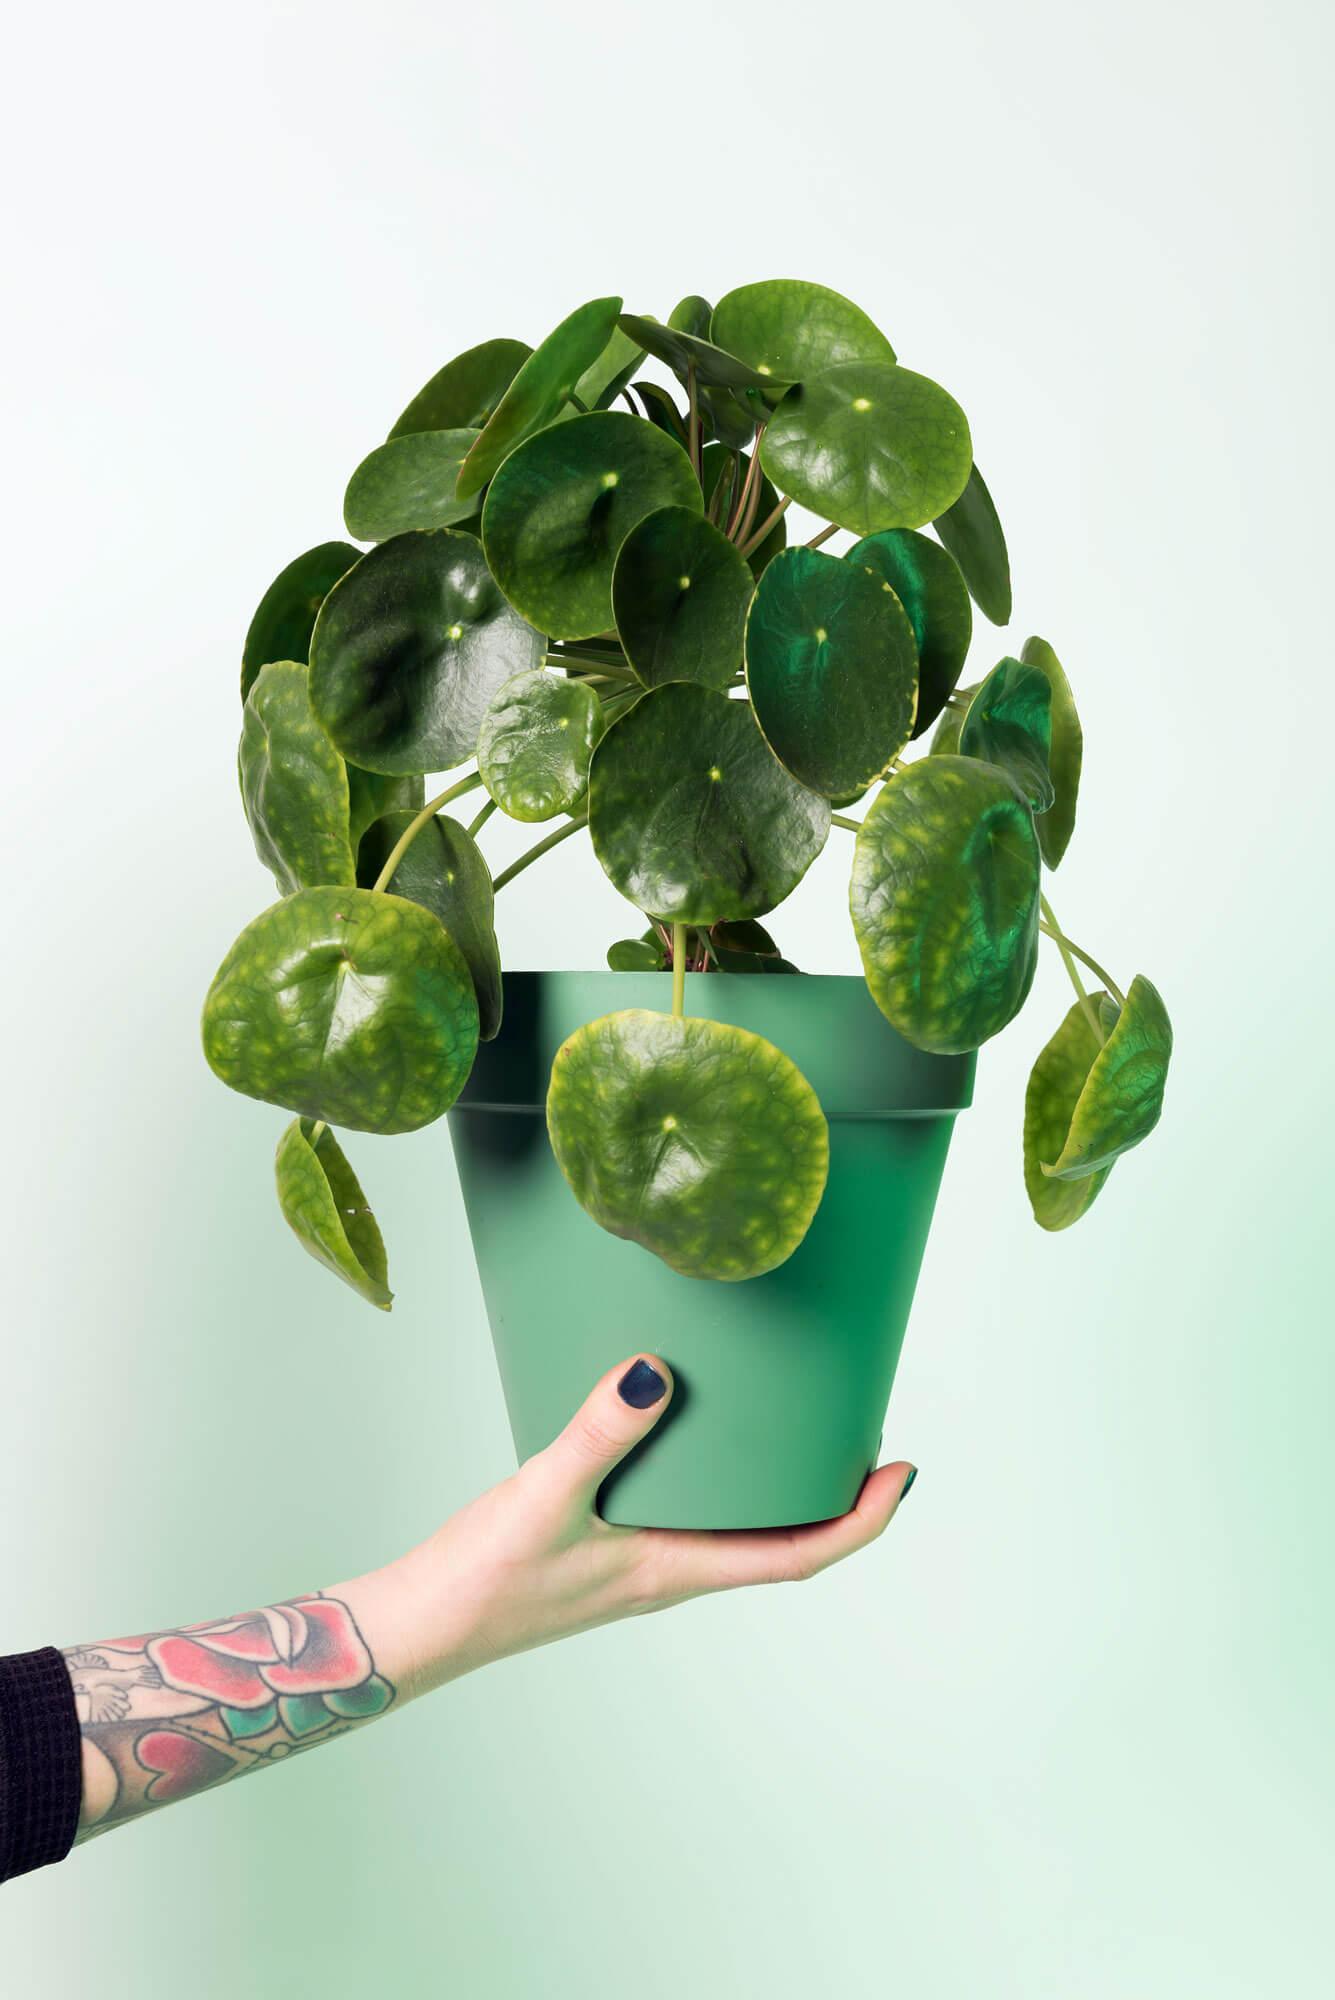 Pannekoekplant, gedragen door pleun haar hand voor meaning of meaning